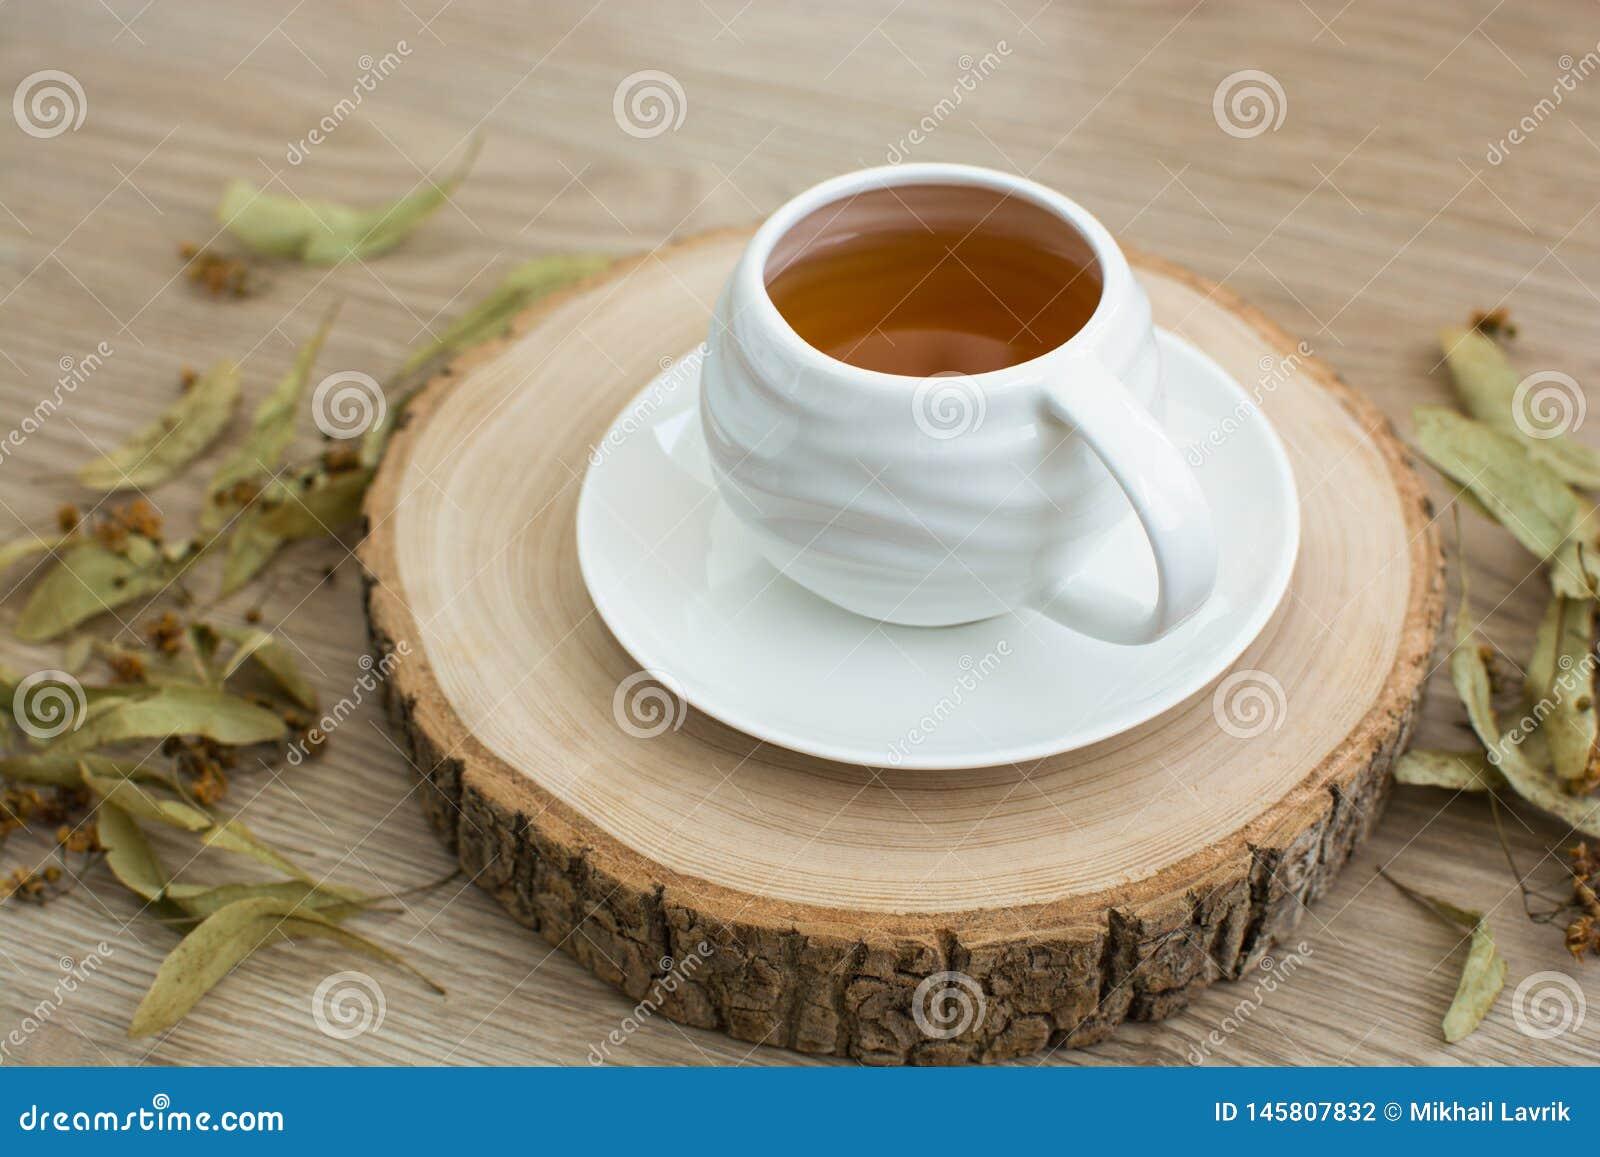 Kopp te på en träpalett